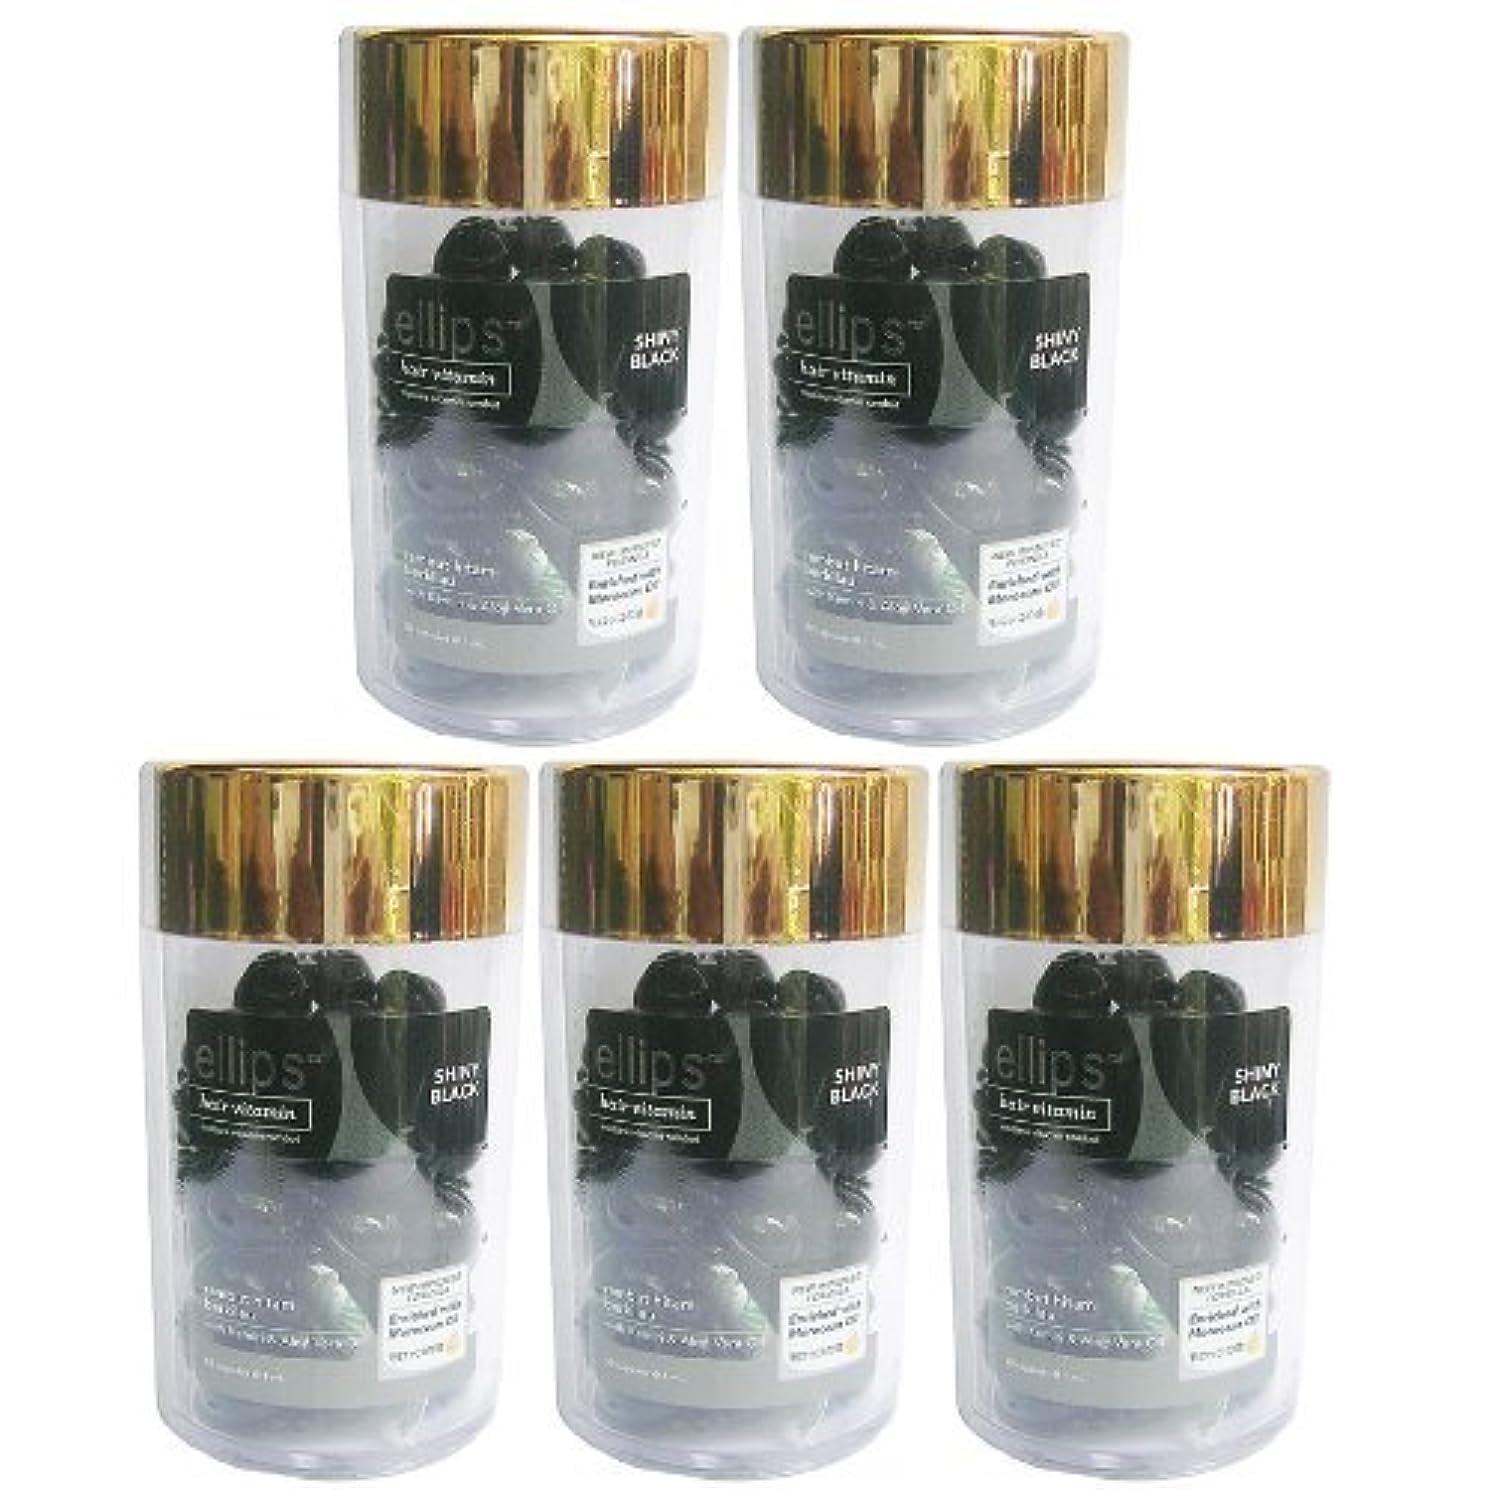 敬な印象的イタリアのエリップスellipsヘアビタミン洗い流さないヘアトリートメント50粒入ボトル5本組(海外直送品)(並行輸入品) (黒5本)